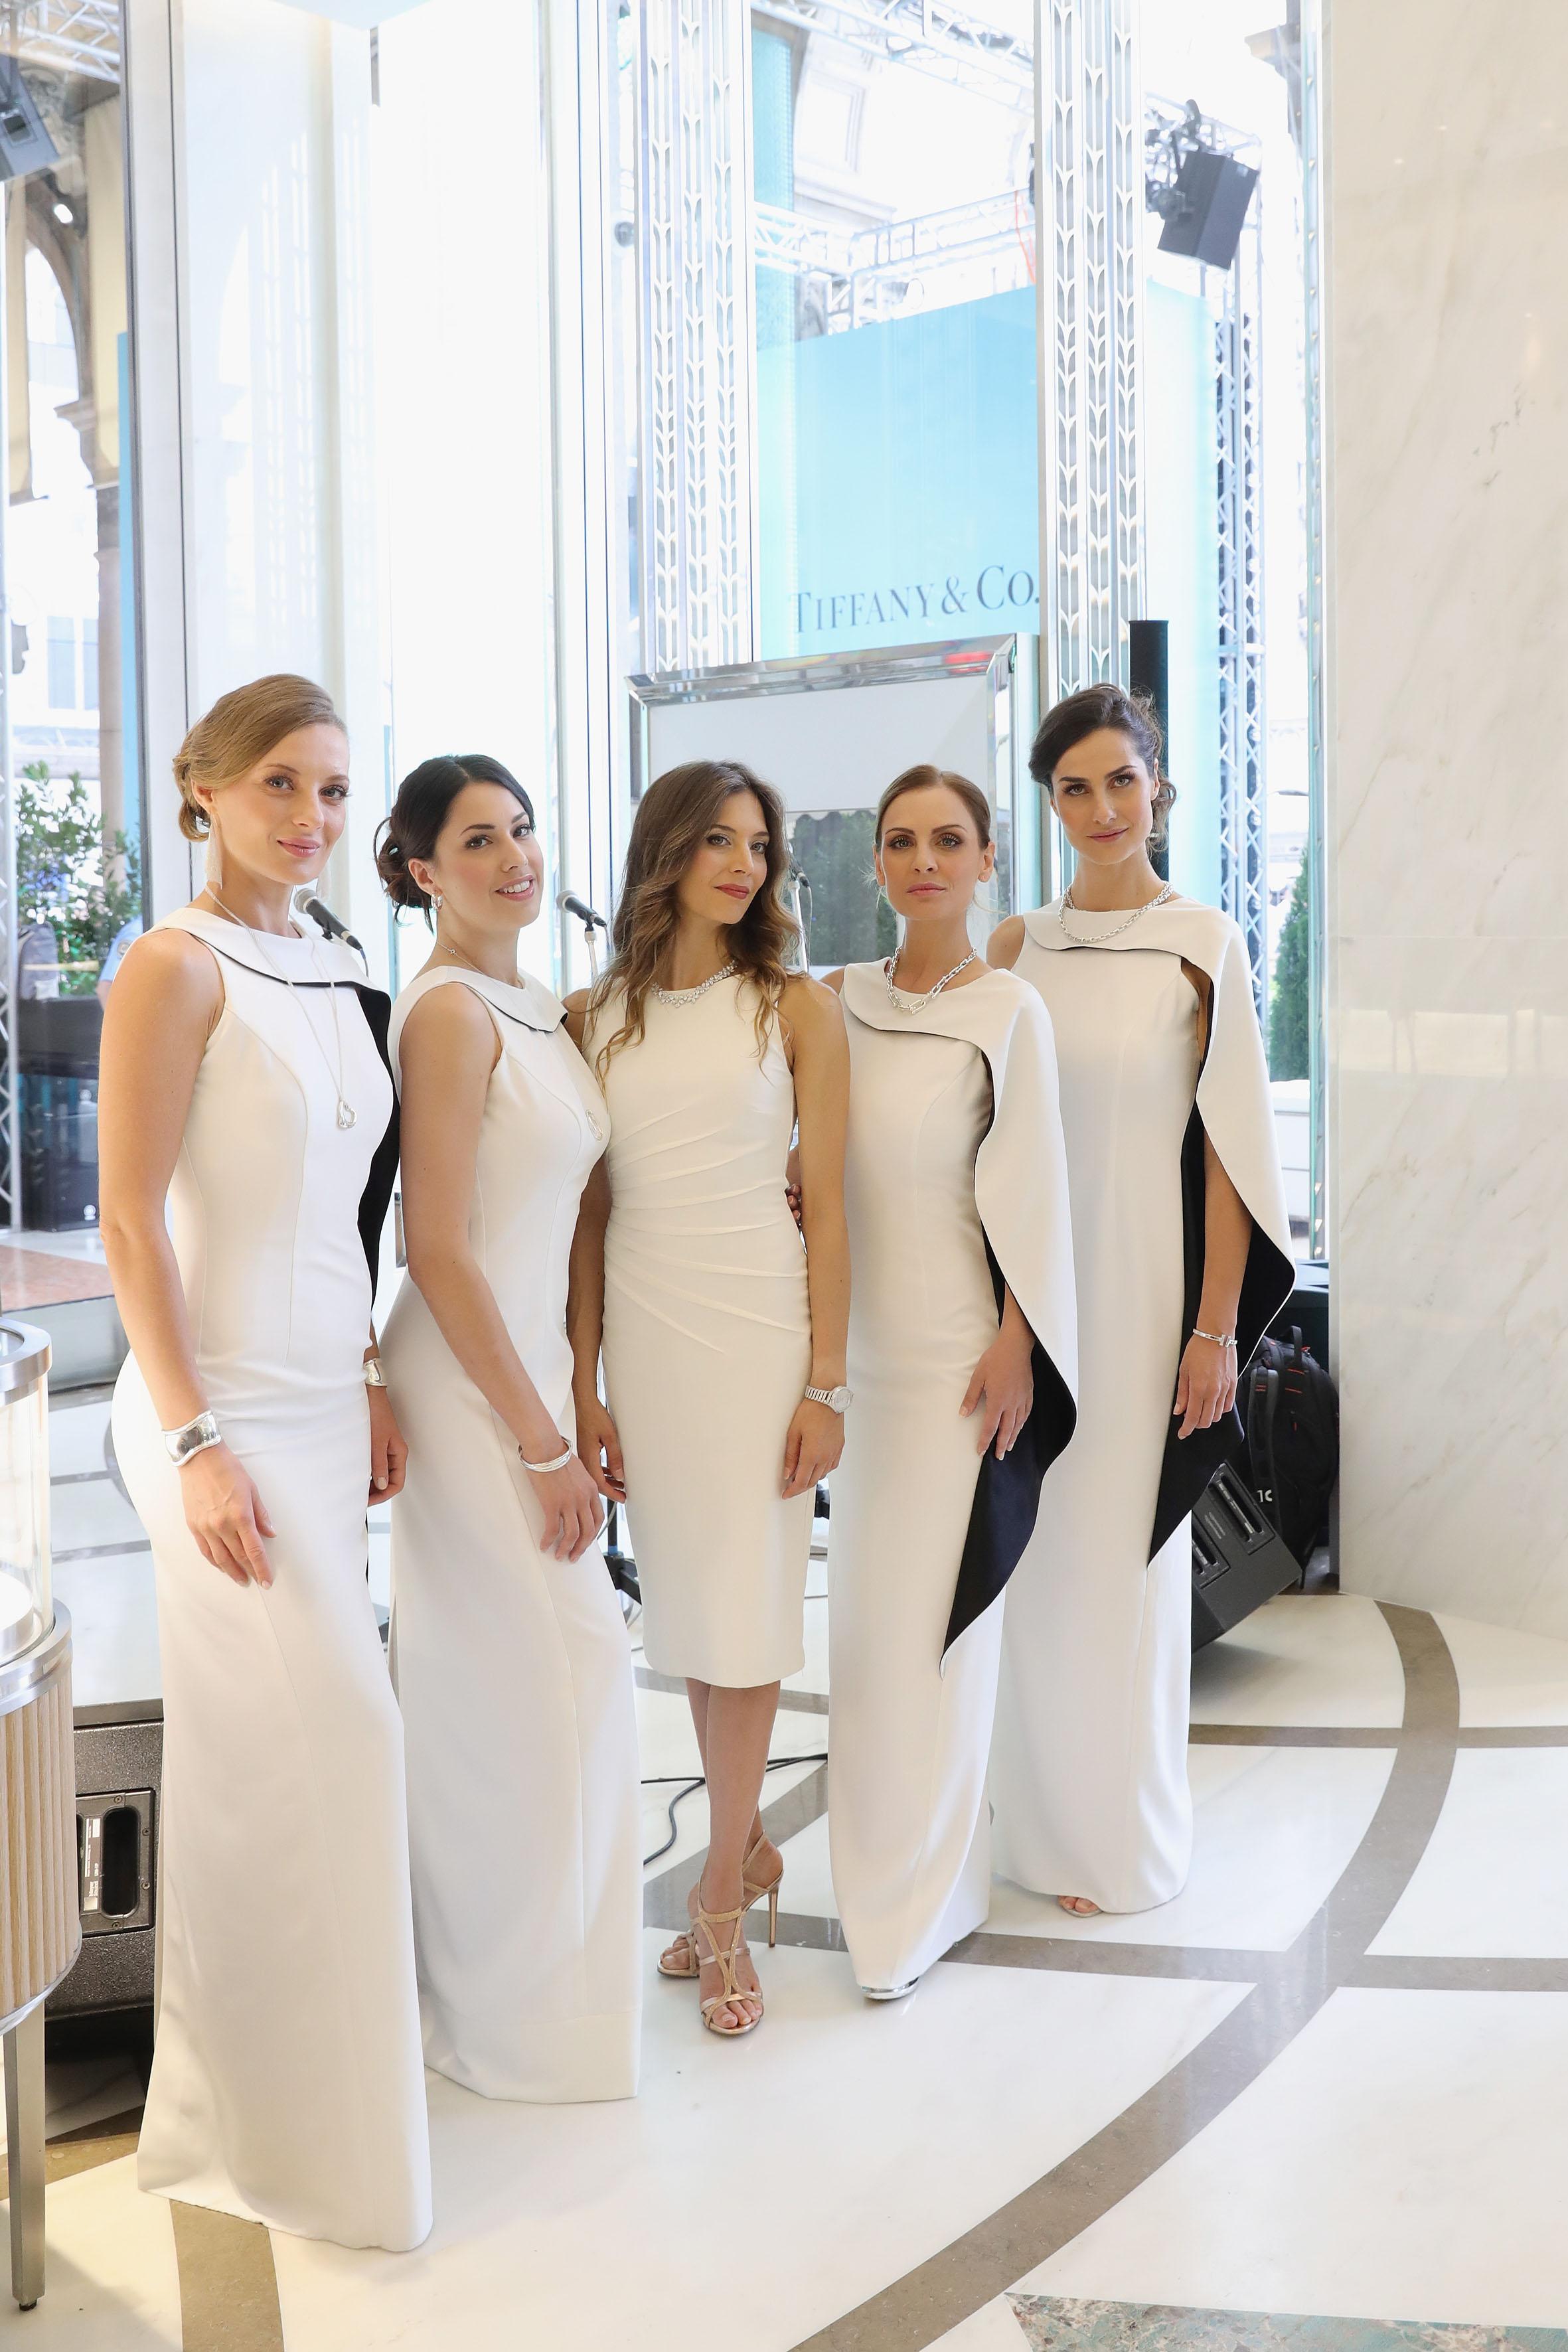 L'artista canadese Erika Lamay assieme alle Div4s indossano gioielli Tiffany & Co per inaugurazione della boutique di Piazza Duomo, Milano.Ph. Vittorio Zunino Celotto/ Getty Images for Tiffany & Co